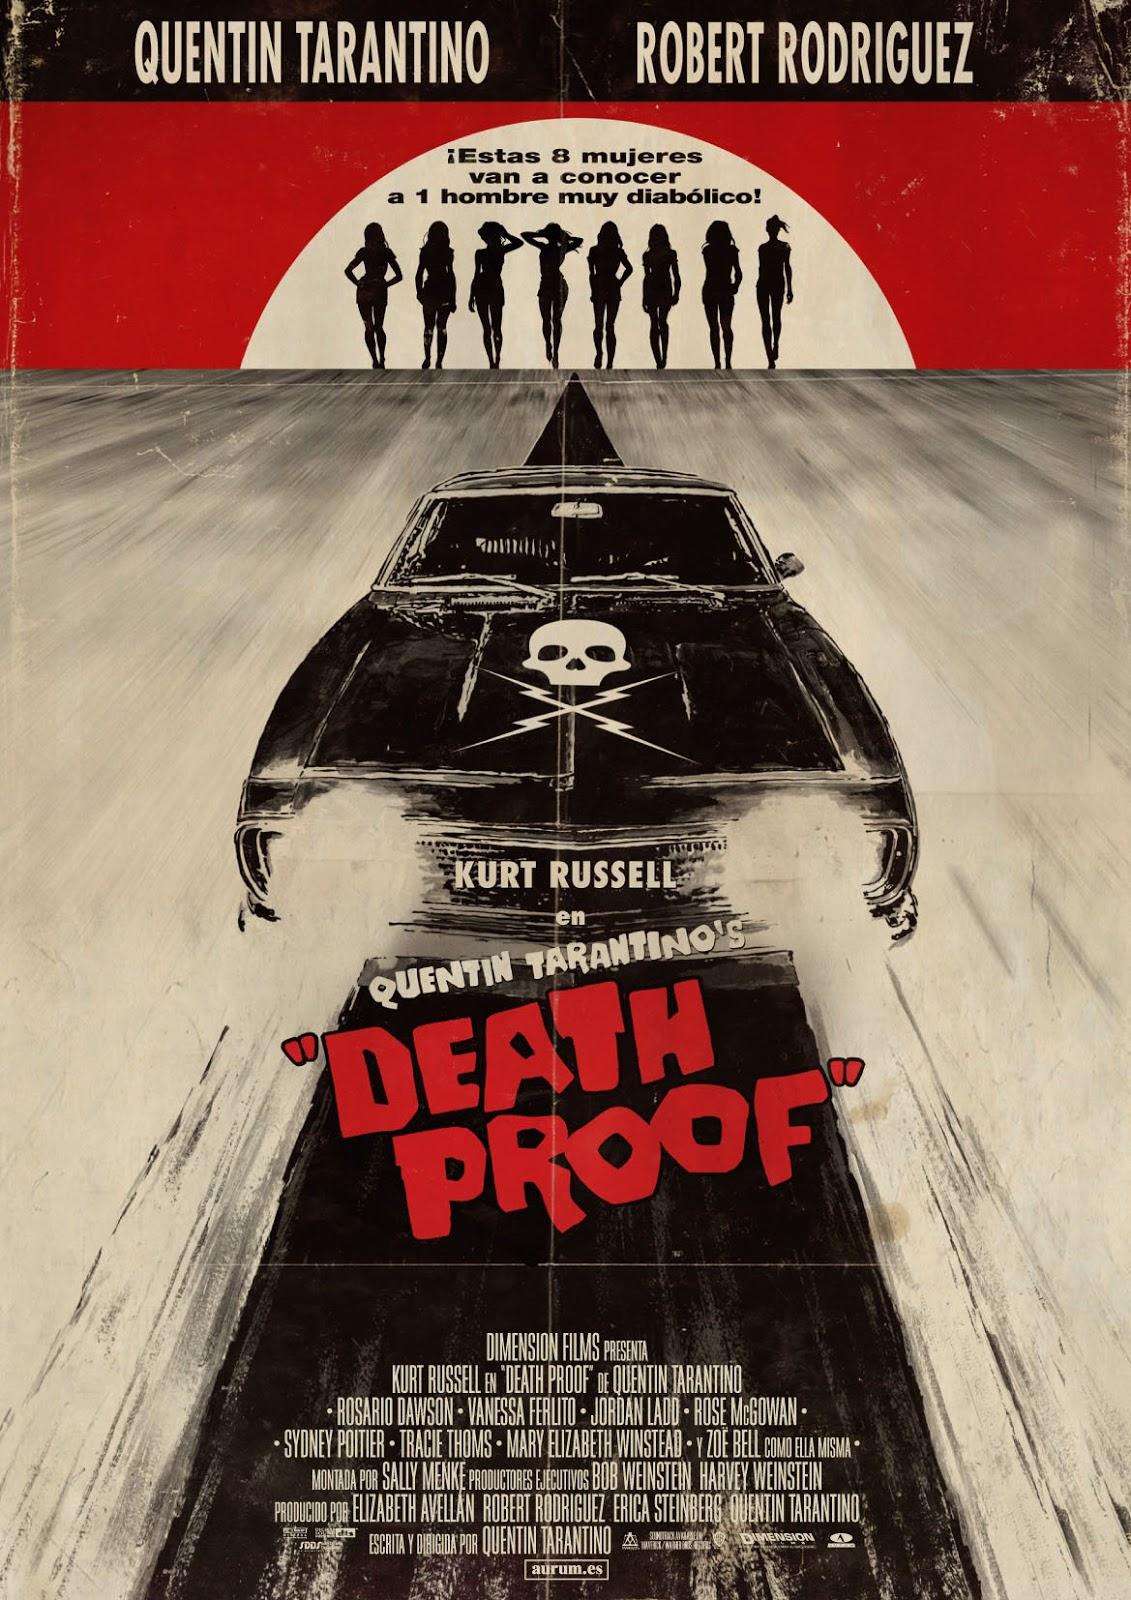 http://3.bp.blogspot.com/-BBnyJyHYCrY/UNIP__3tZkI/AAAAAAAACA8/CAXY7Kyzkl8/s1600/Death+proof+poster.jpg